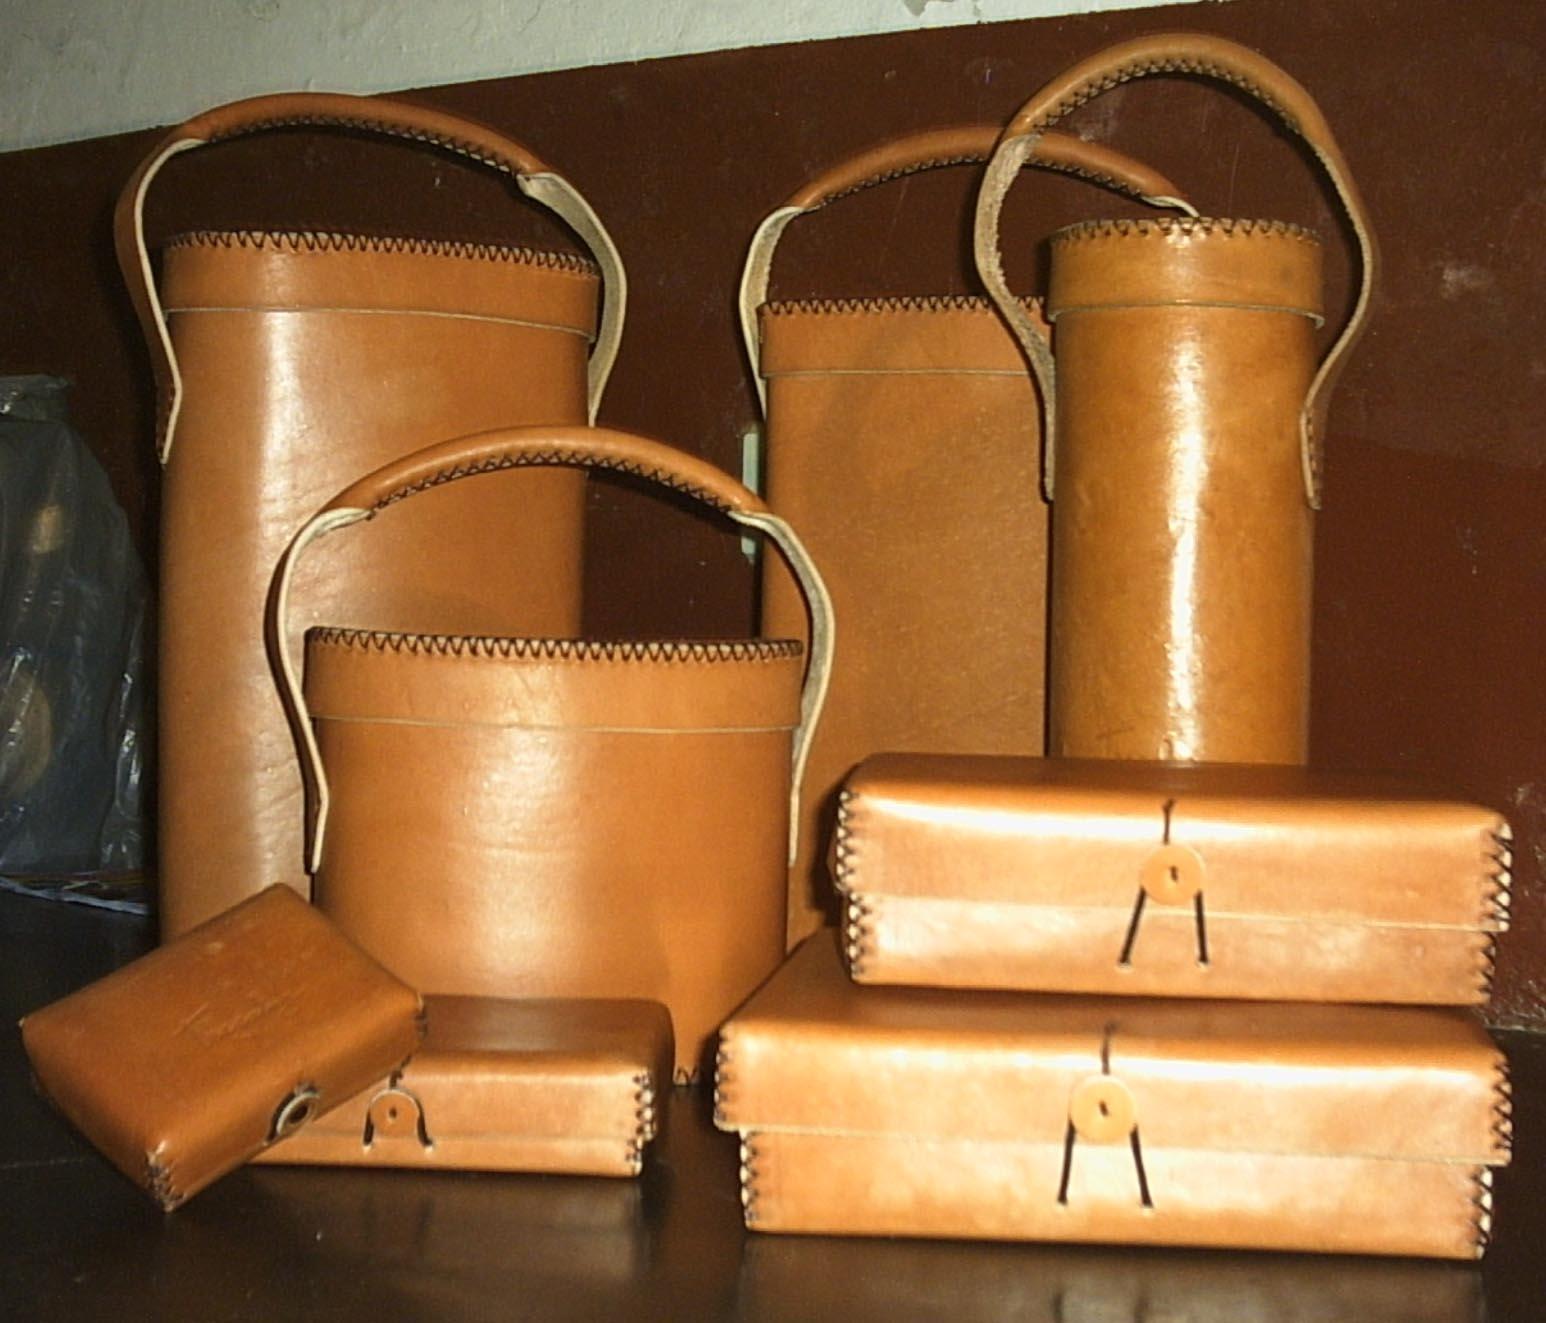 Curso de artesanato em couro gera emprego e renda FOLHA REGIONAL MT MATO GROSSO